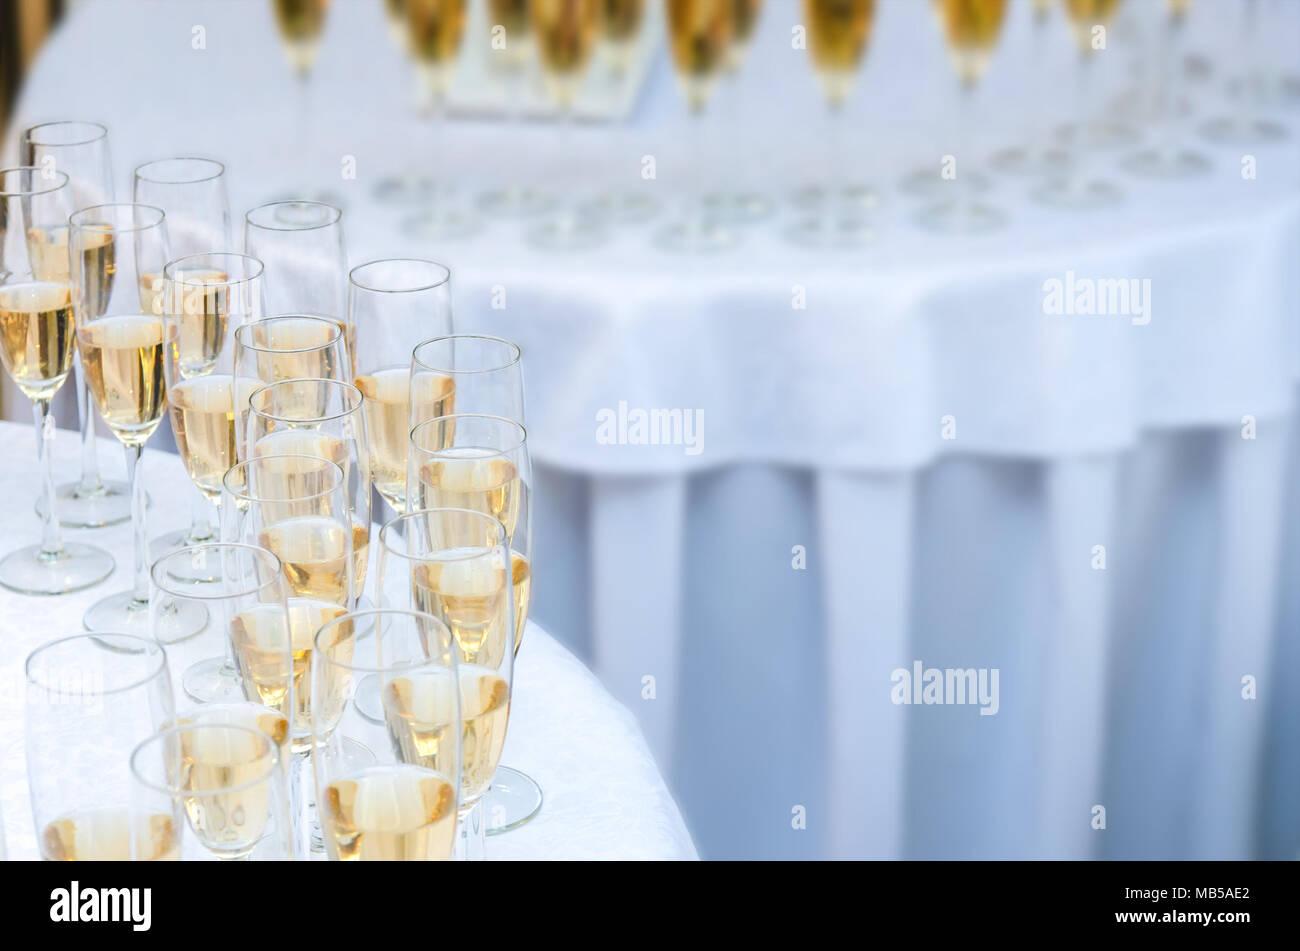 Un sacco di bicchieri di vino con un champagne o vino bianco sulla tavola rotonda. Sfondo di alcool Immagini Stock